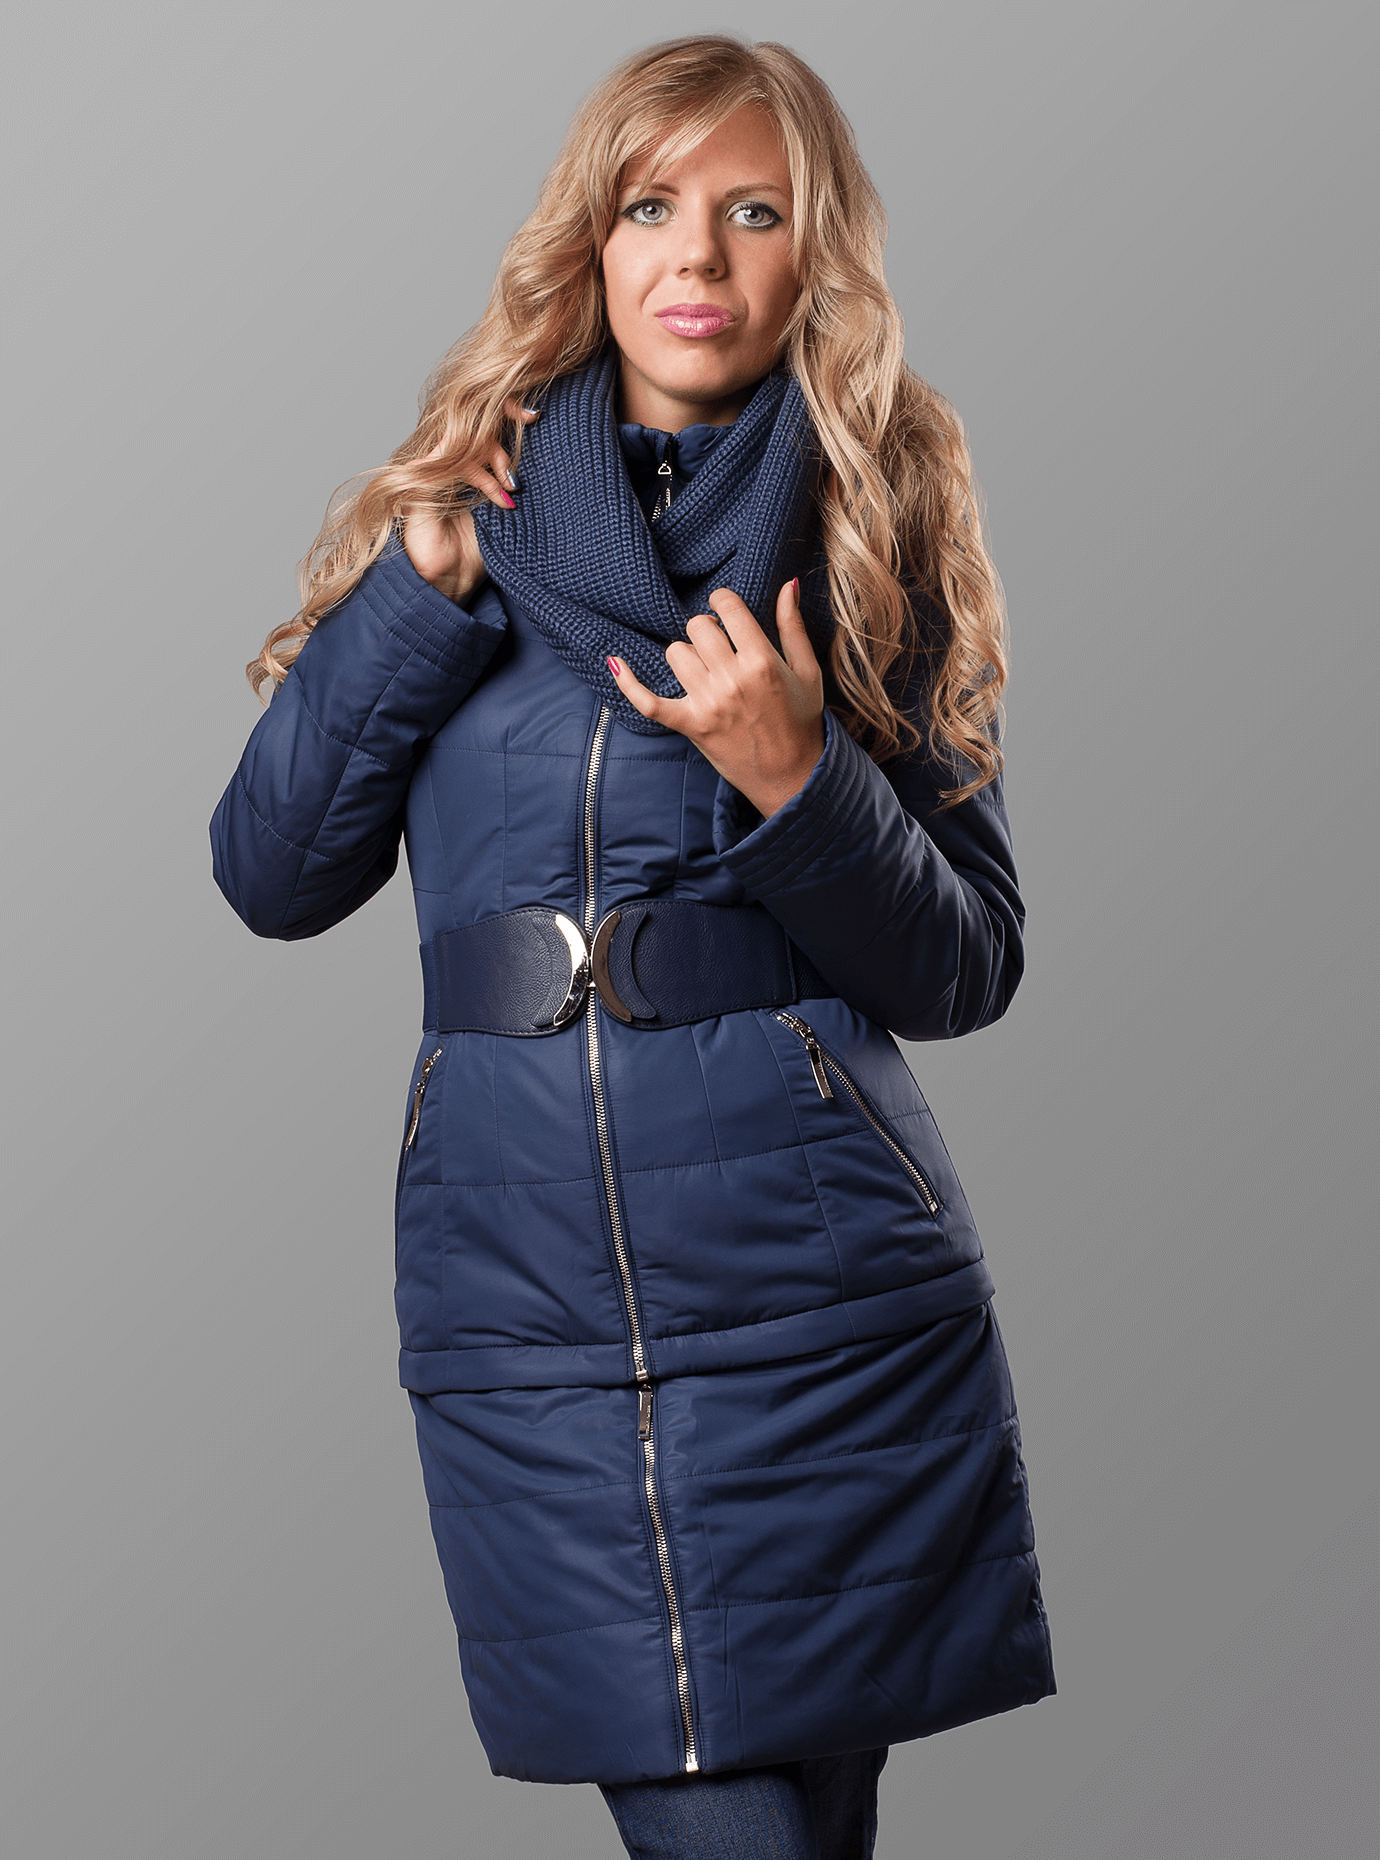 Куртка женская зимняя плюс ремень и снуд Тёмно-синий S (05-ZZ19061): фото - Alster.ua